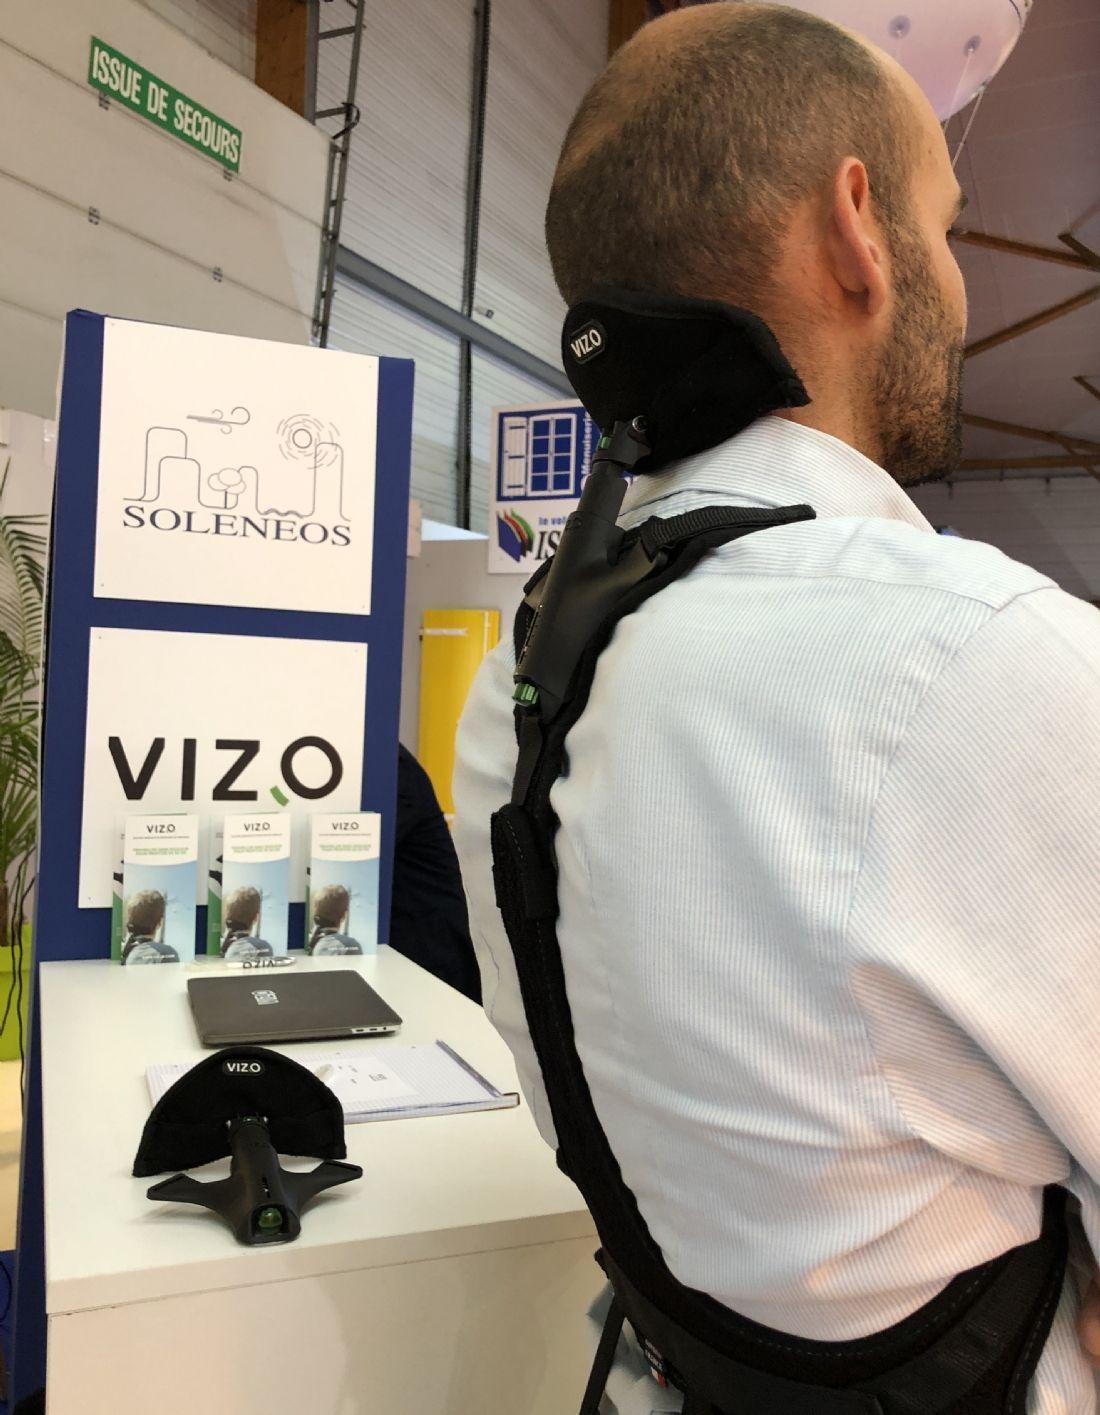 VIZ-O(r) solution de protection des cervicales